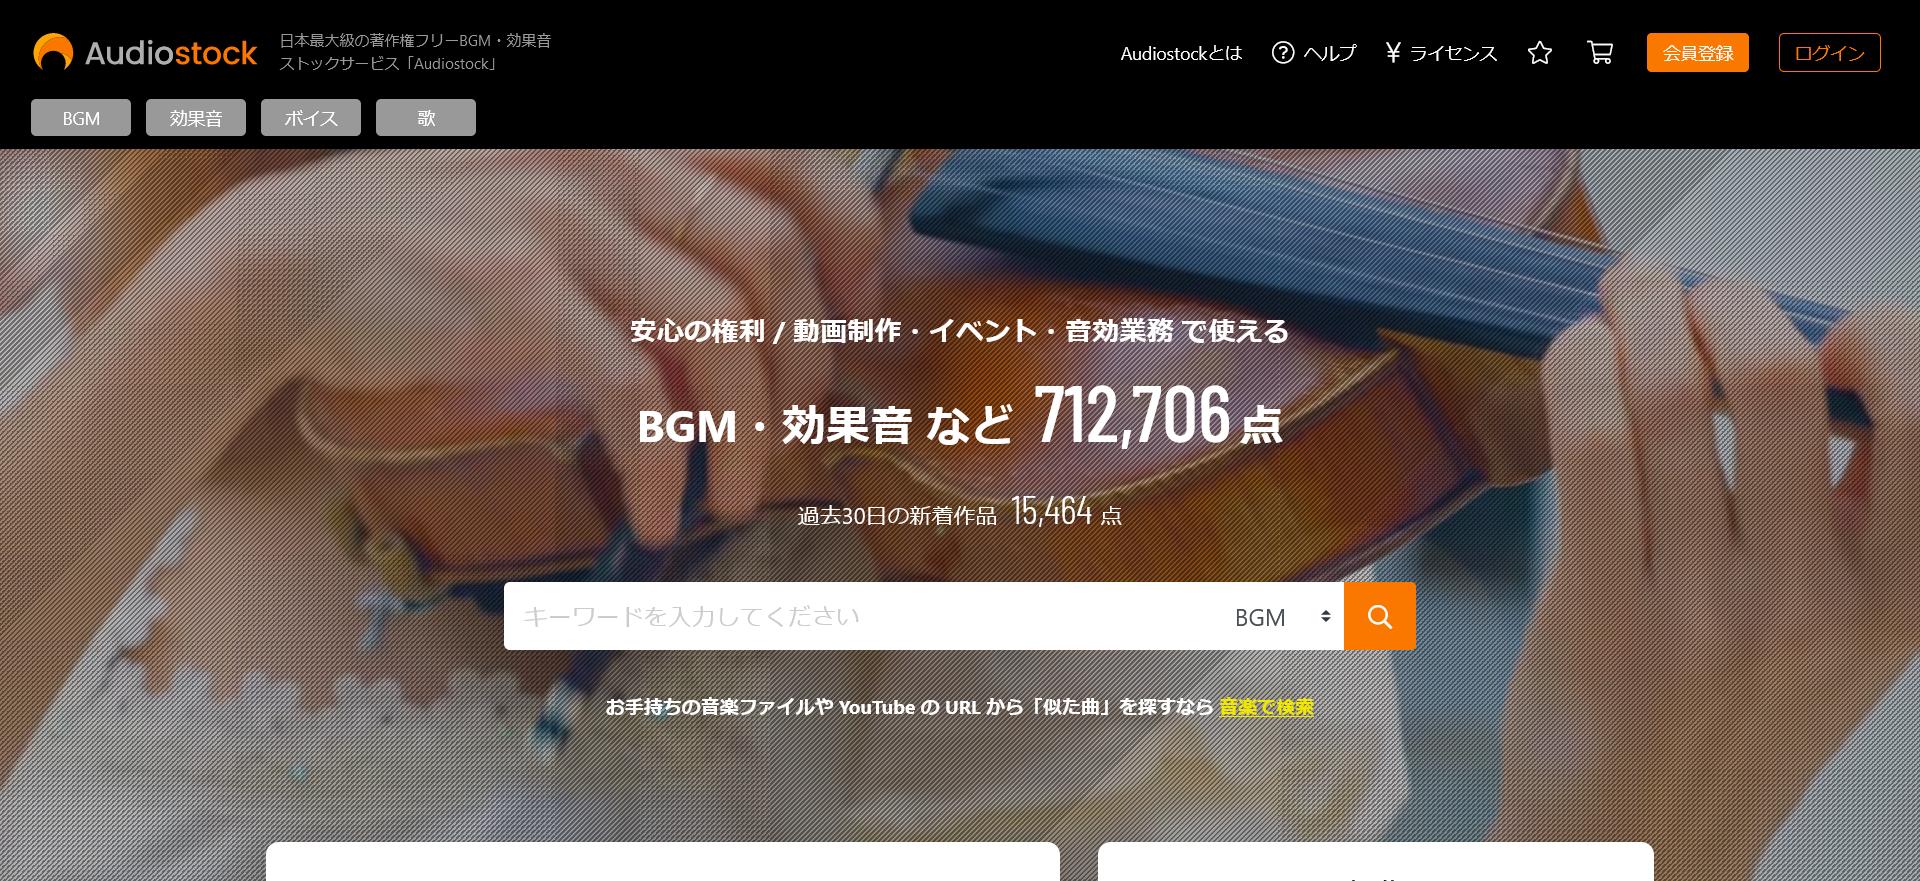 自作曲の利用権を販売可能なAudio Stockの画像